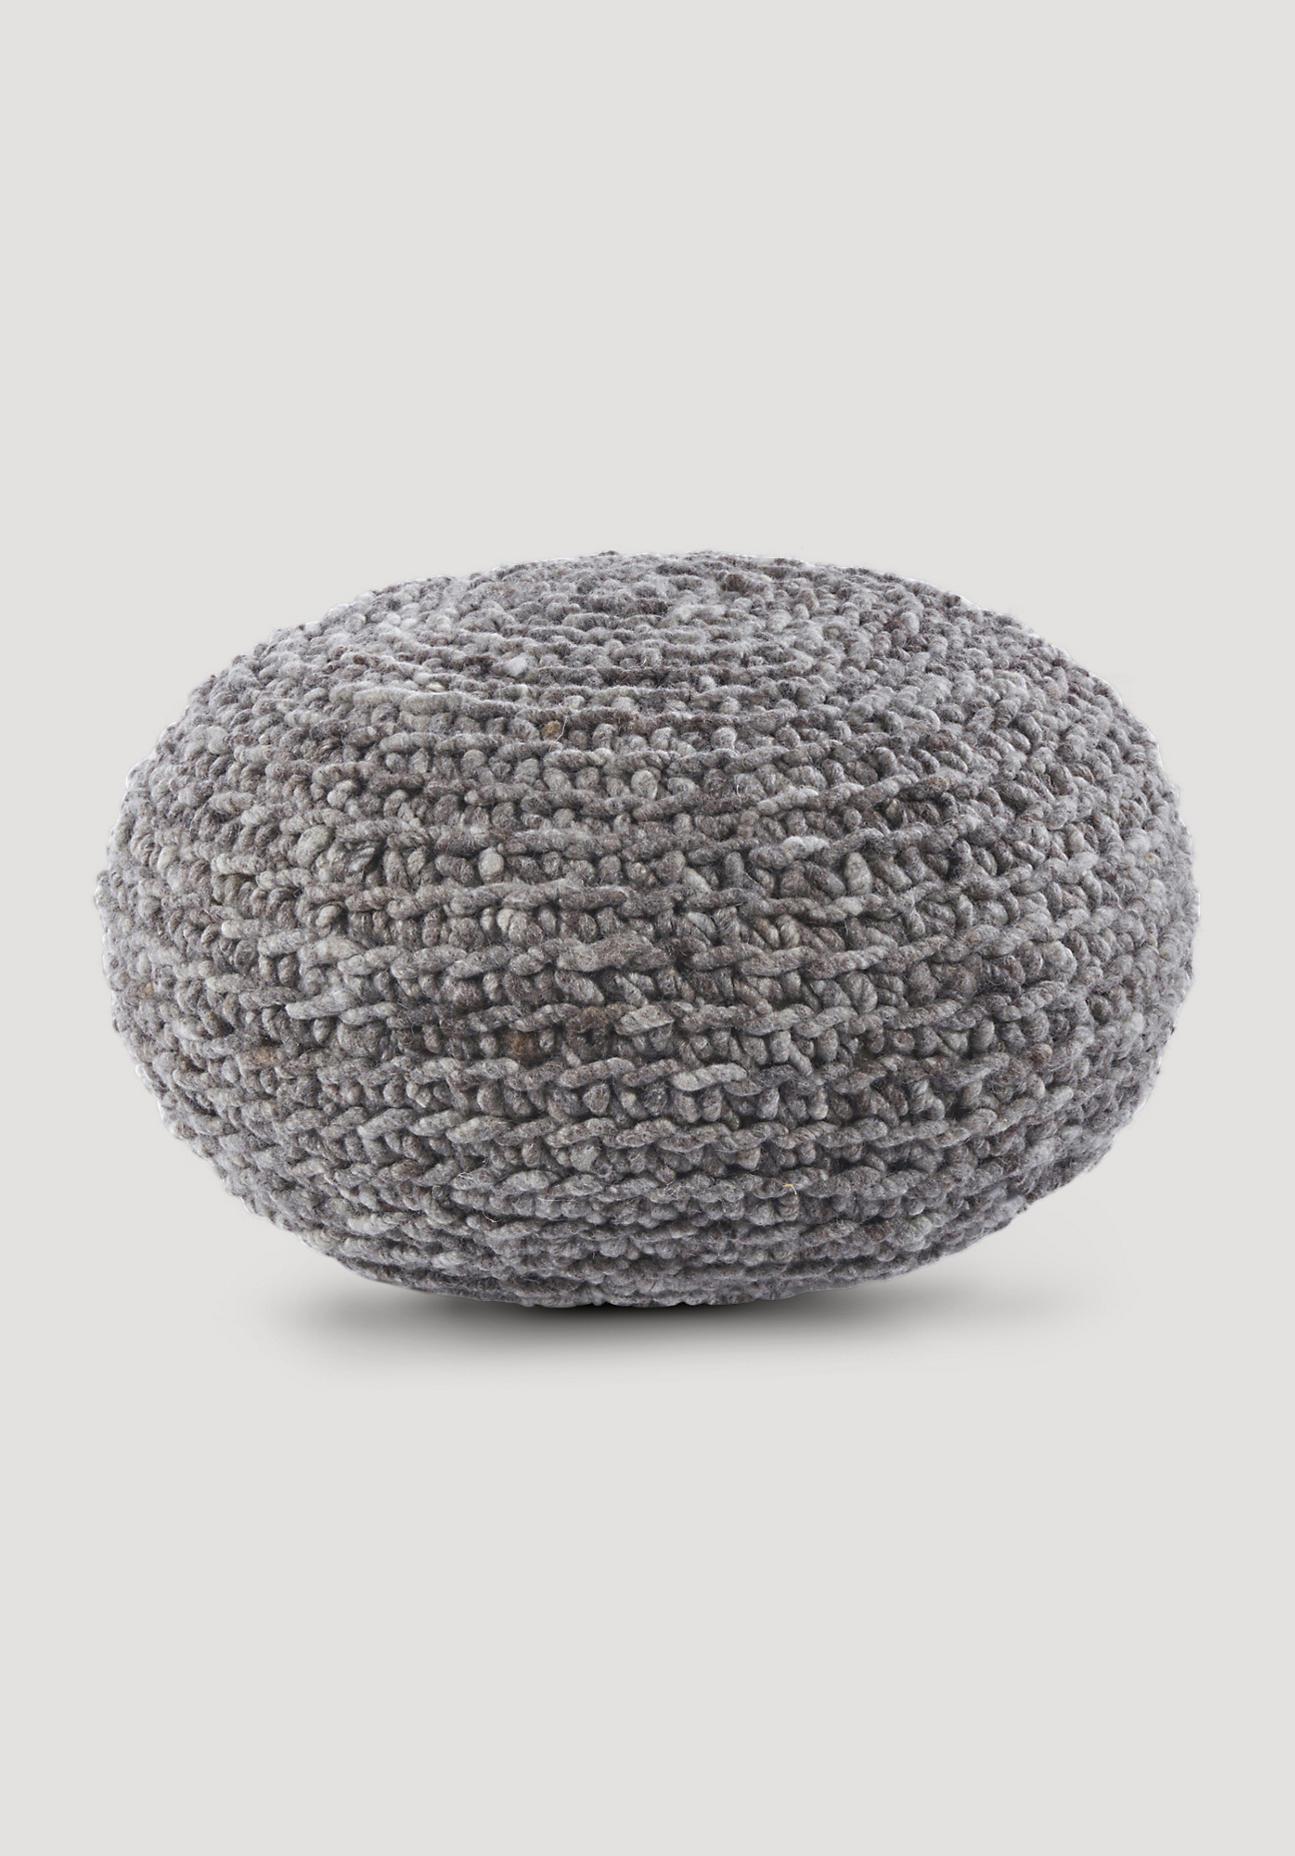 hessnatur Pouf aus Schurwolle – grau – Größe 55x30 cm